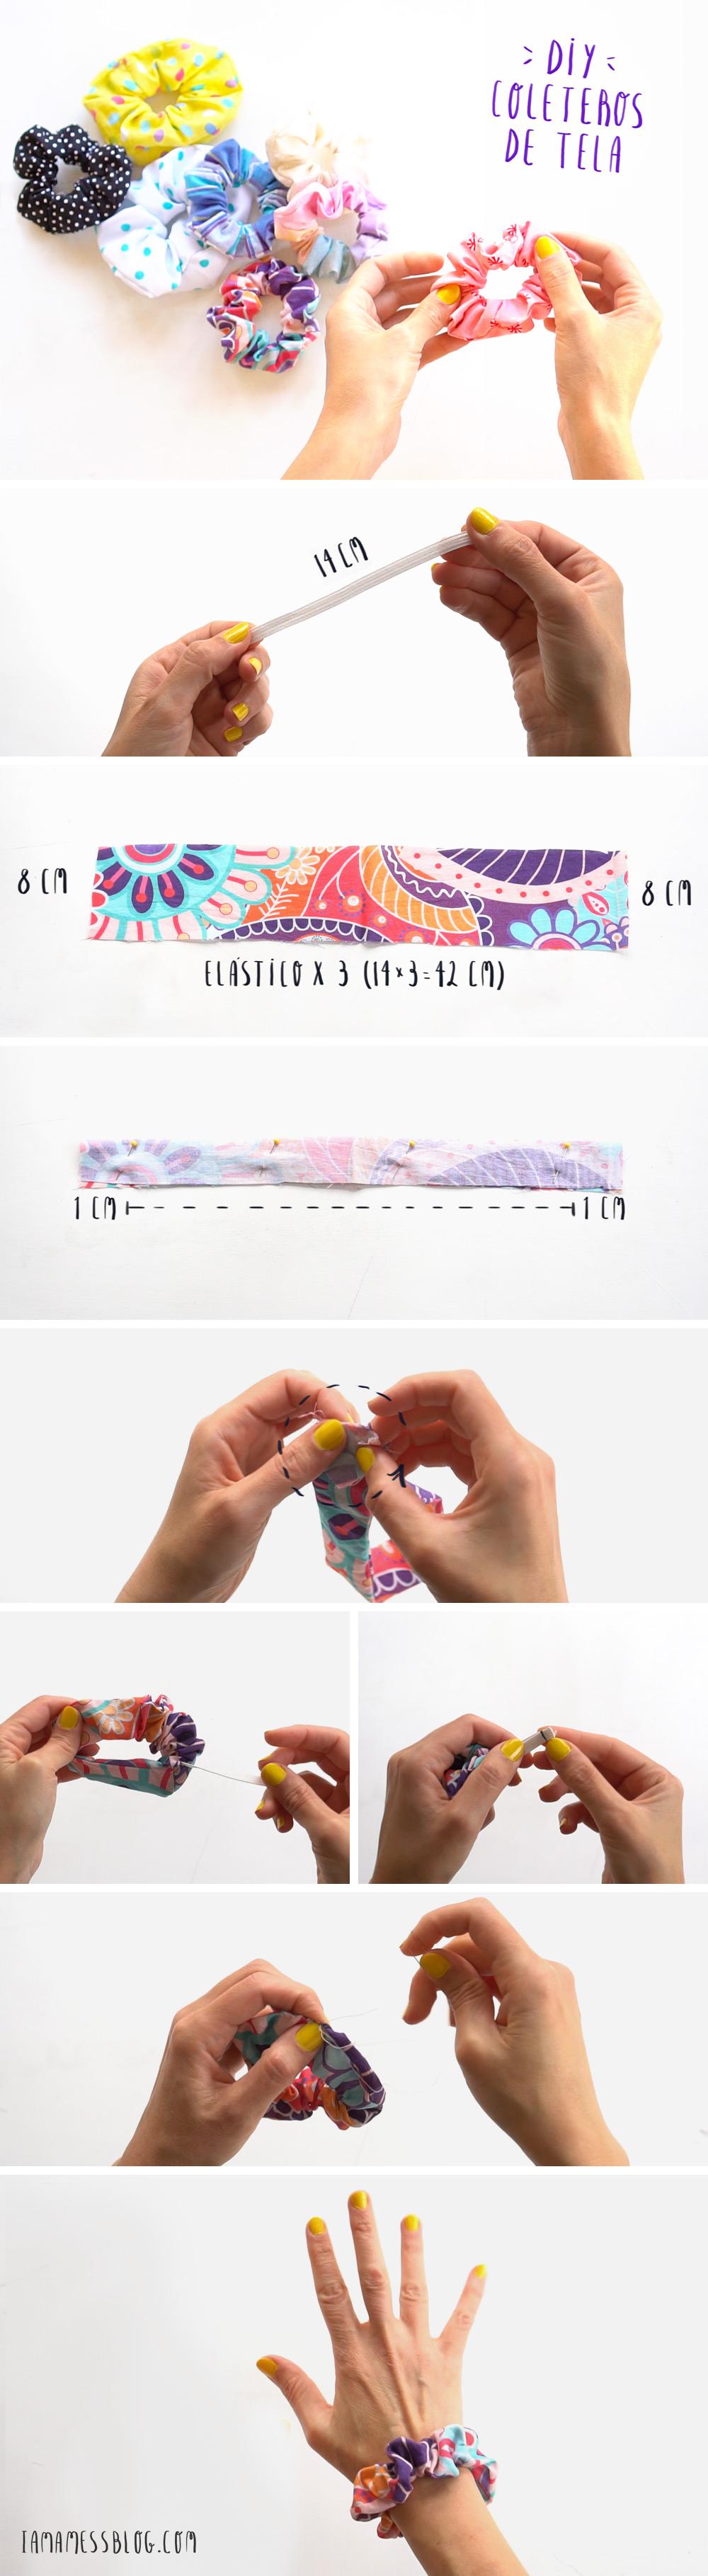 Como hacer coleteros de tela DIY paso a paso, visto en